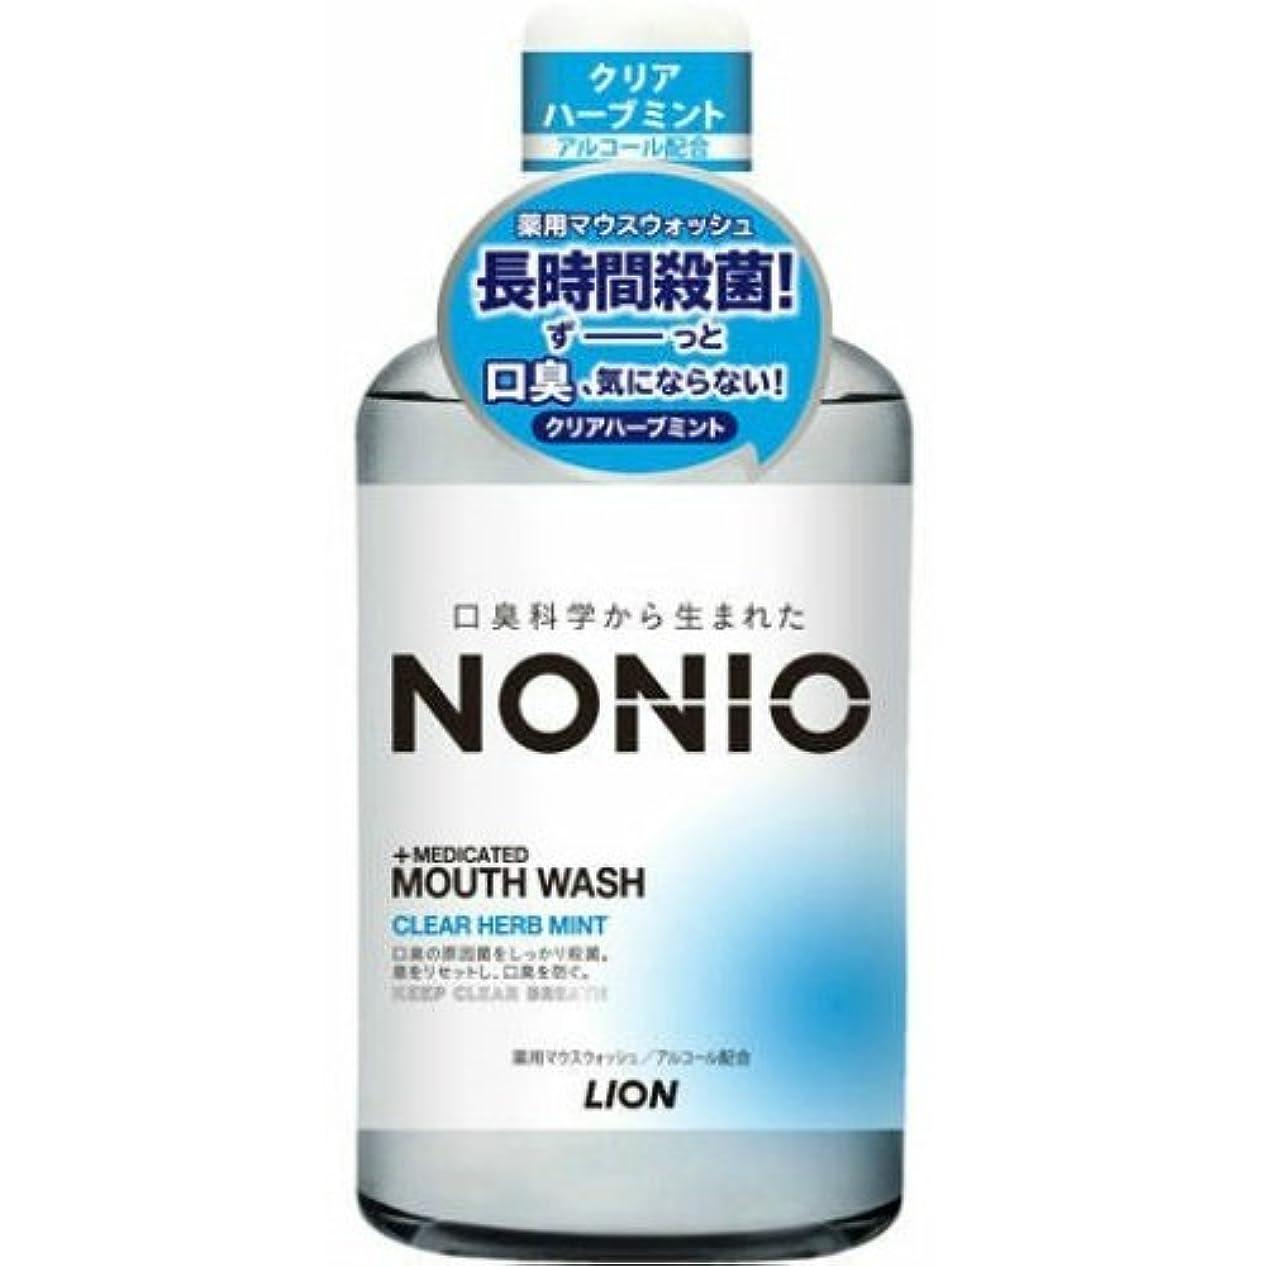 七時半割り当てます望みLION ライオン ノニオ NONIO 薬用マウスウォッシュ クリアハーブミント 600ml ×10点セット(4903301259350)